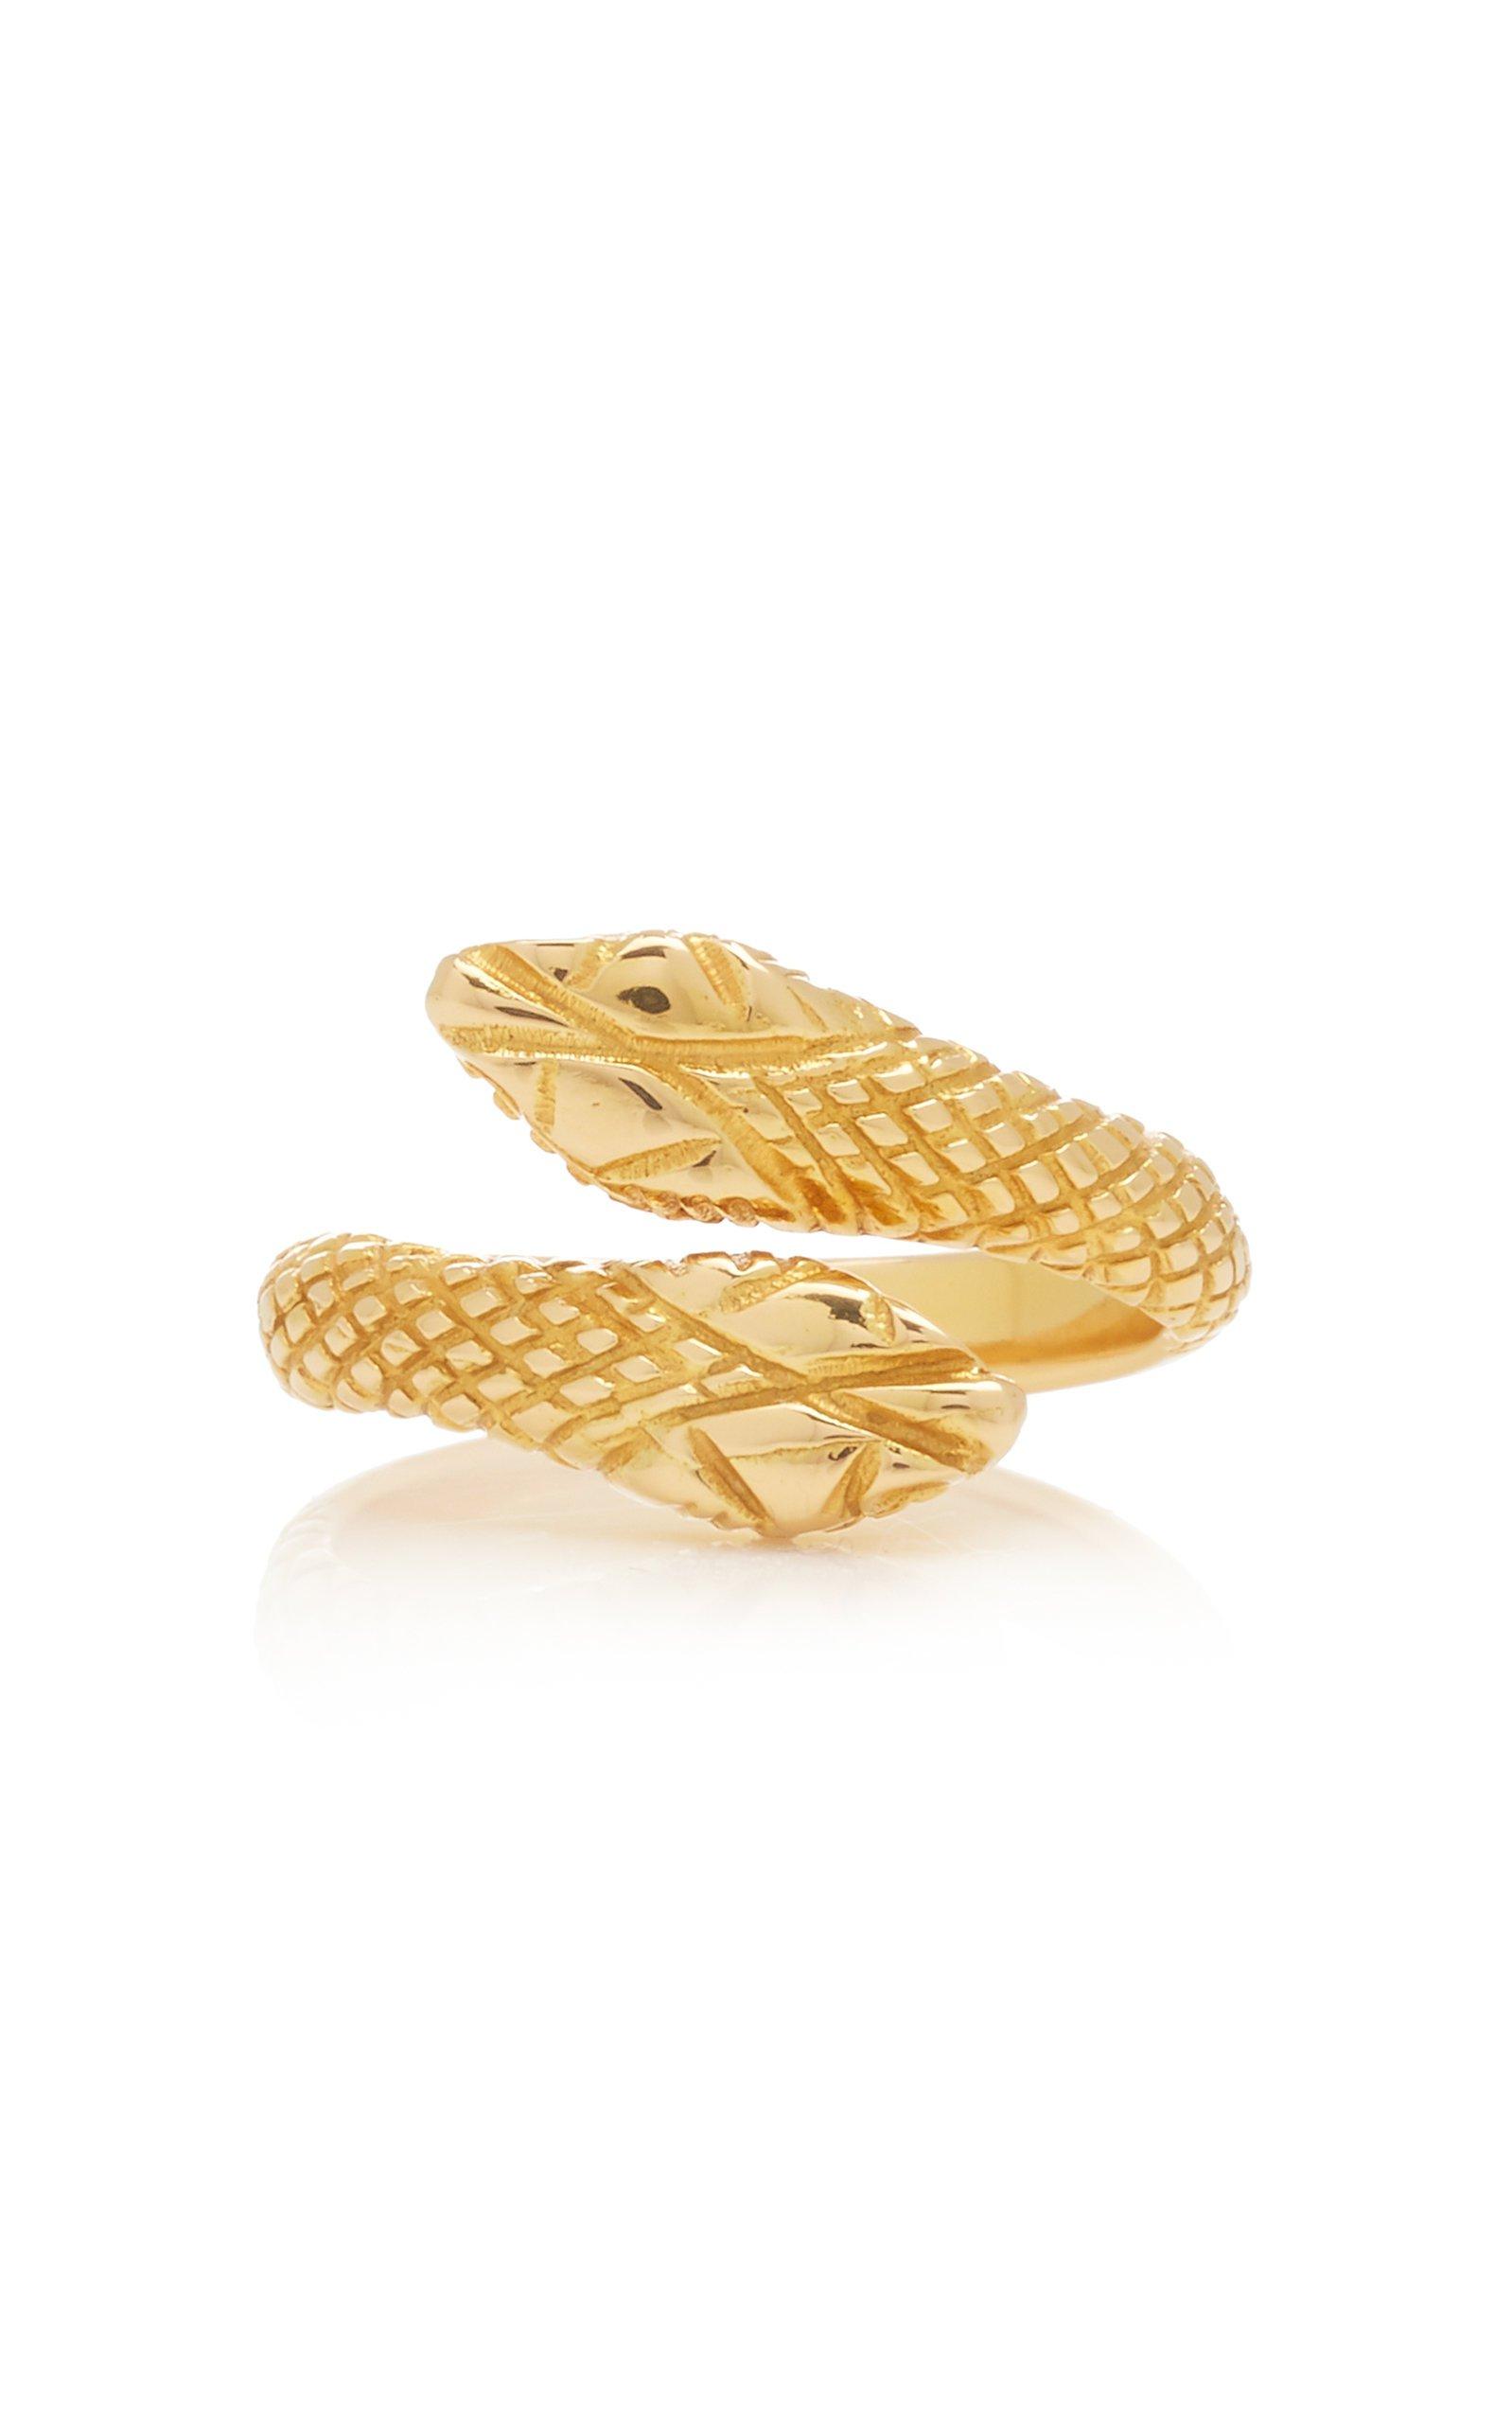 Ilias Lalaounis 18K Gold Duo Snake Ring